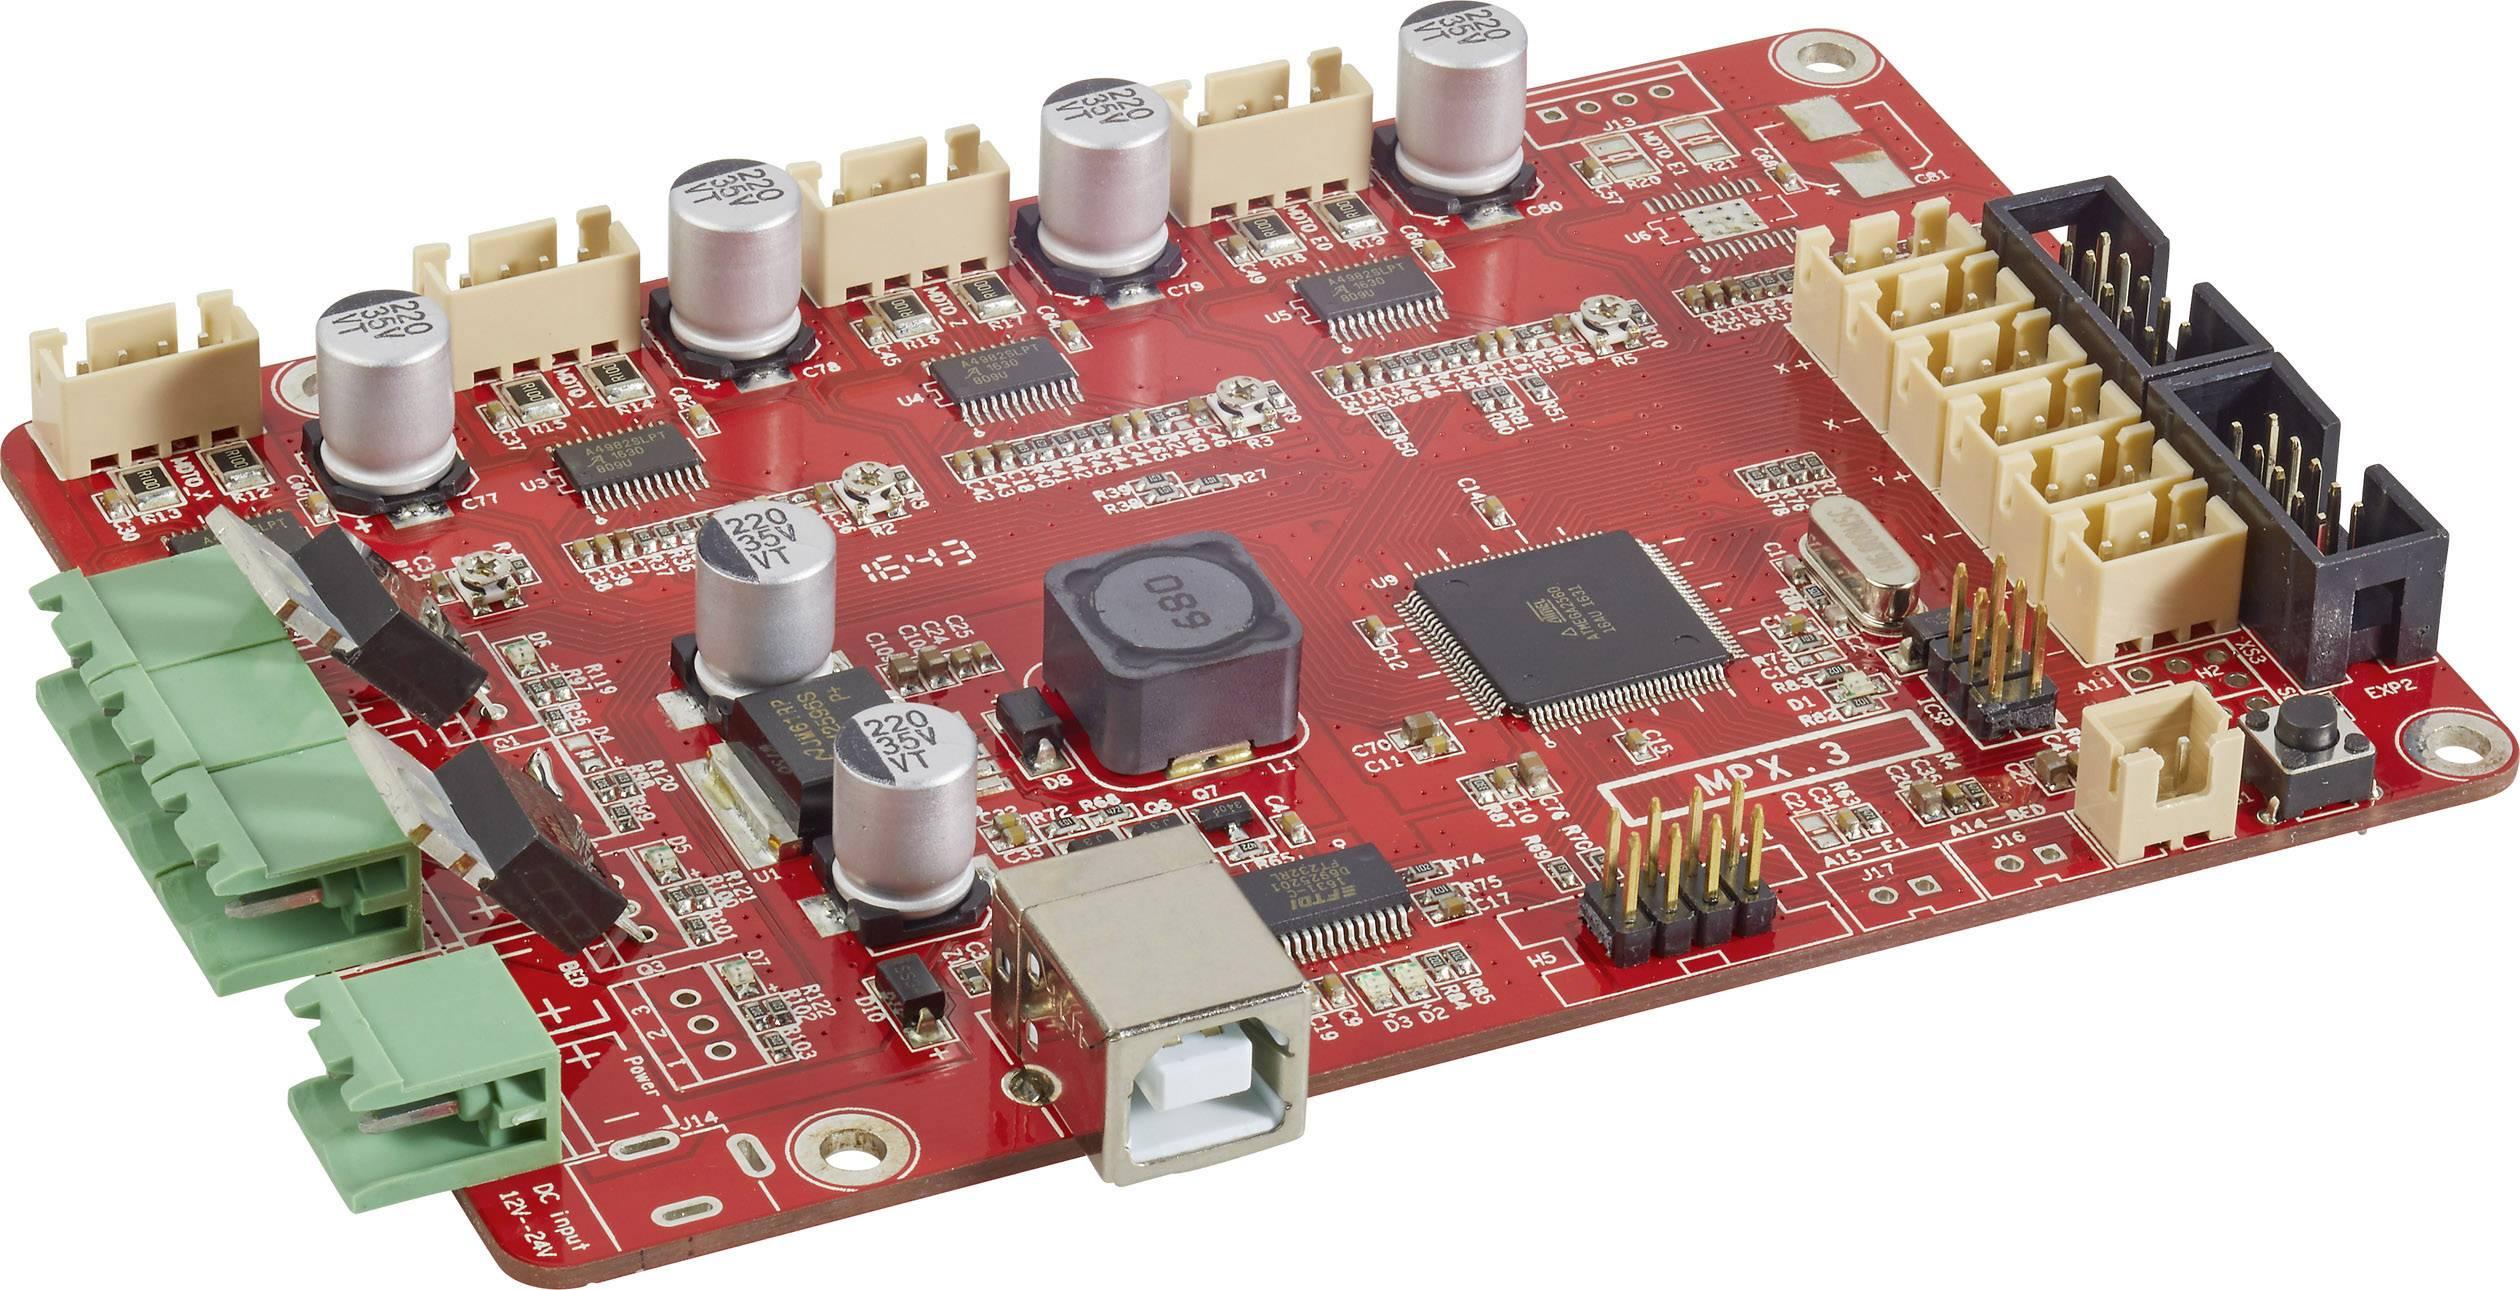 Základní deska vhodná pro 3D tiskárnu renkforce RF100, renkforce RF100 v2, zdokonalená verze